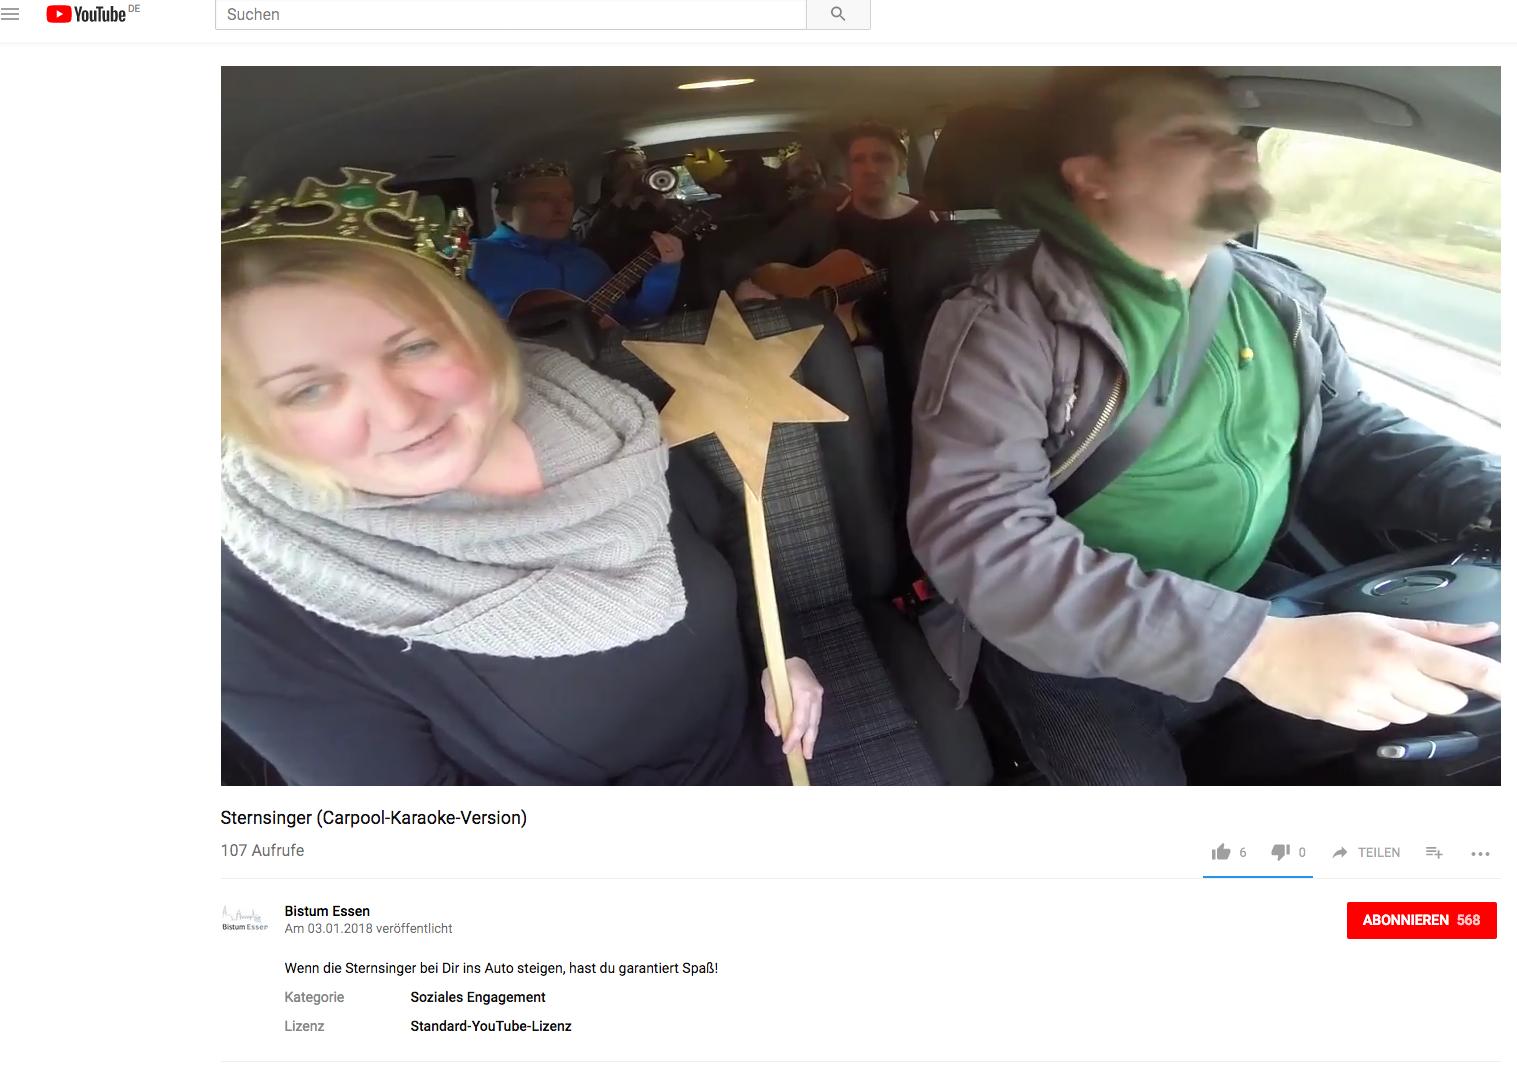 Sternsinger-Rap im Taxi zieht Kreise in sozialen Netzwerken ...